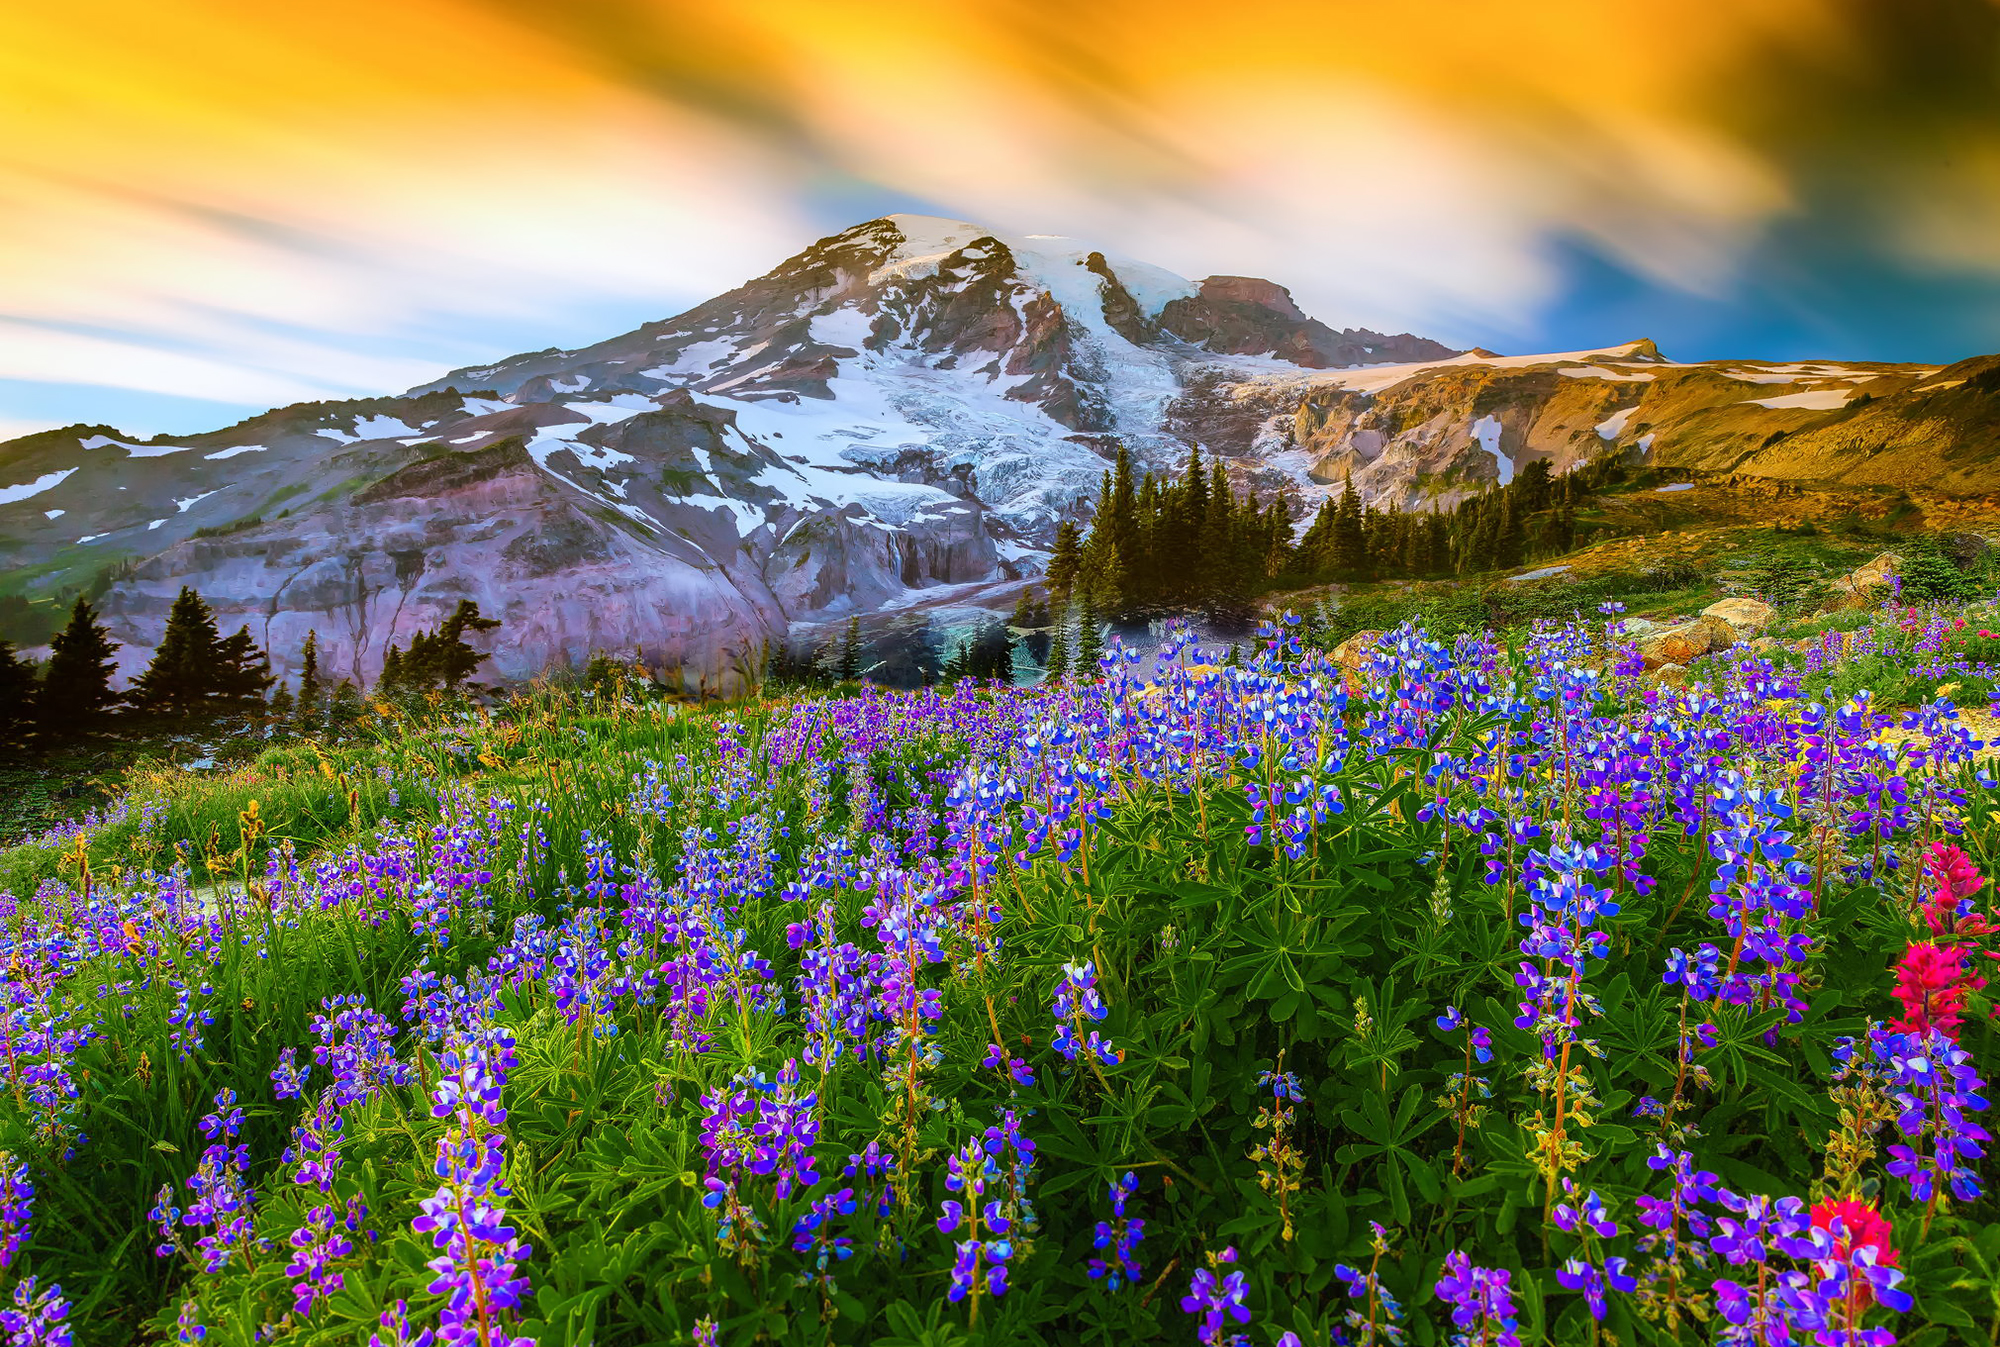 смотреть картинки с пейзажем и цветами отделяют мяса